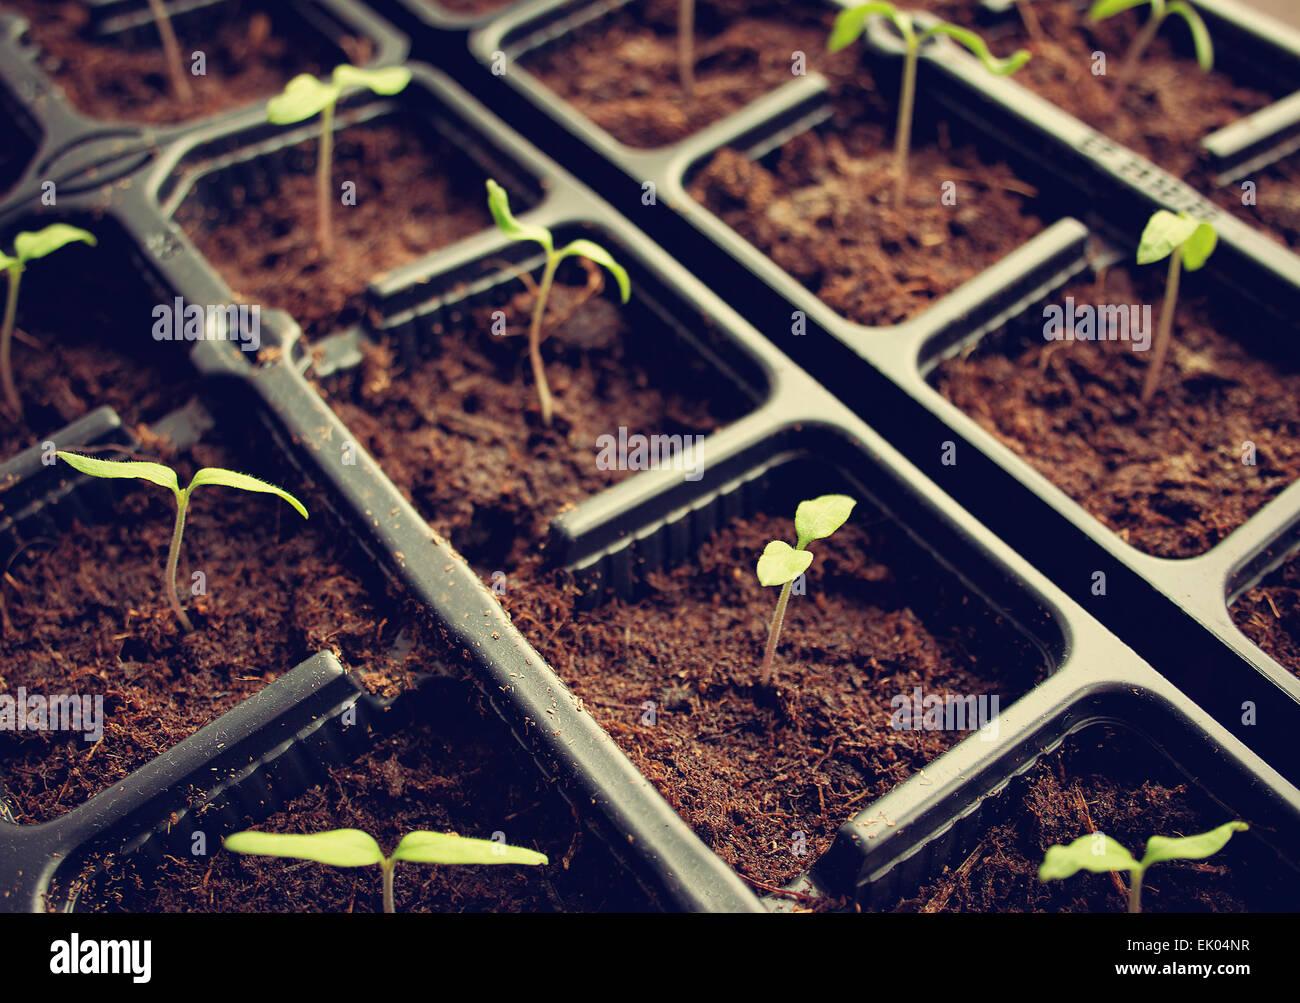 tomatoe seedlings - Stock Image